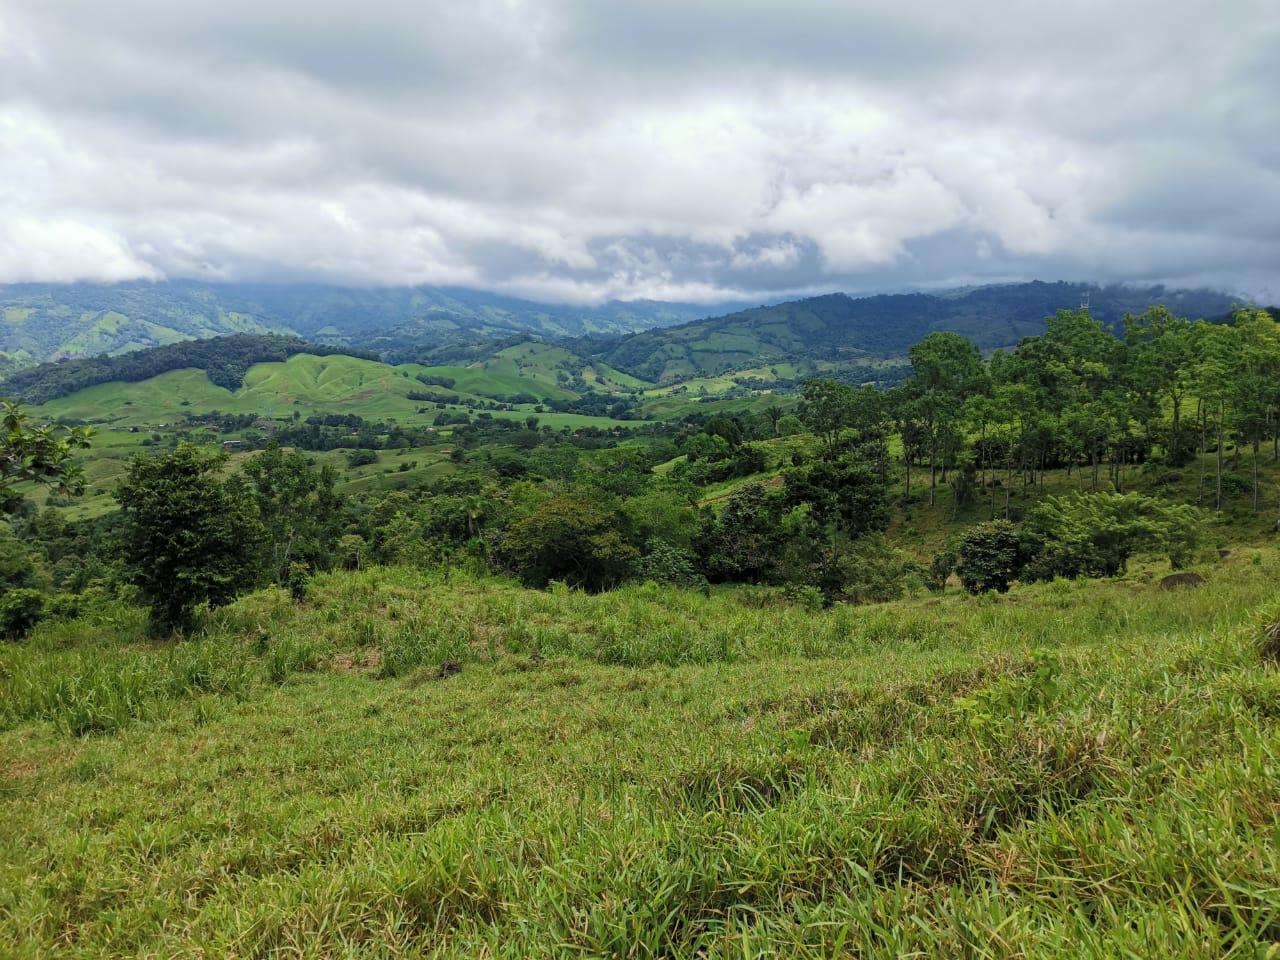 Farm in San Juan de Dios